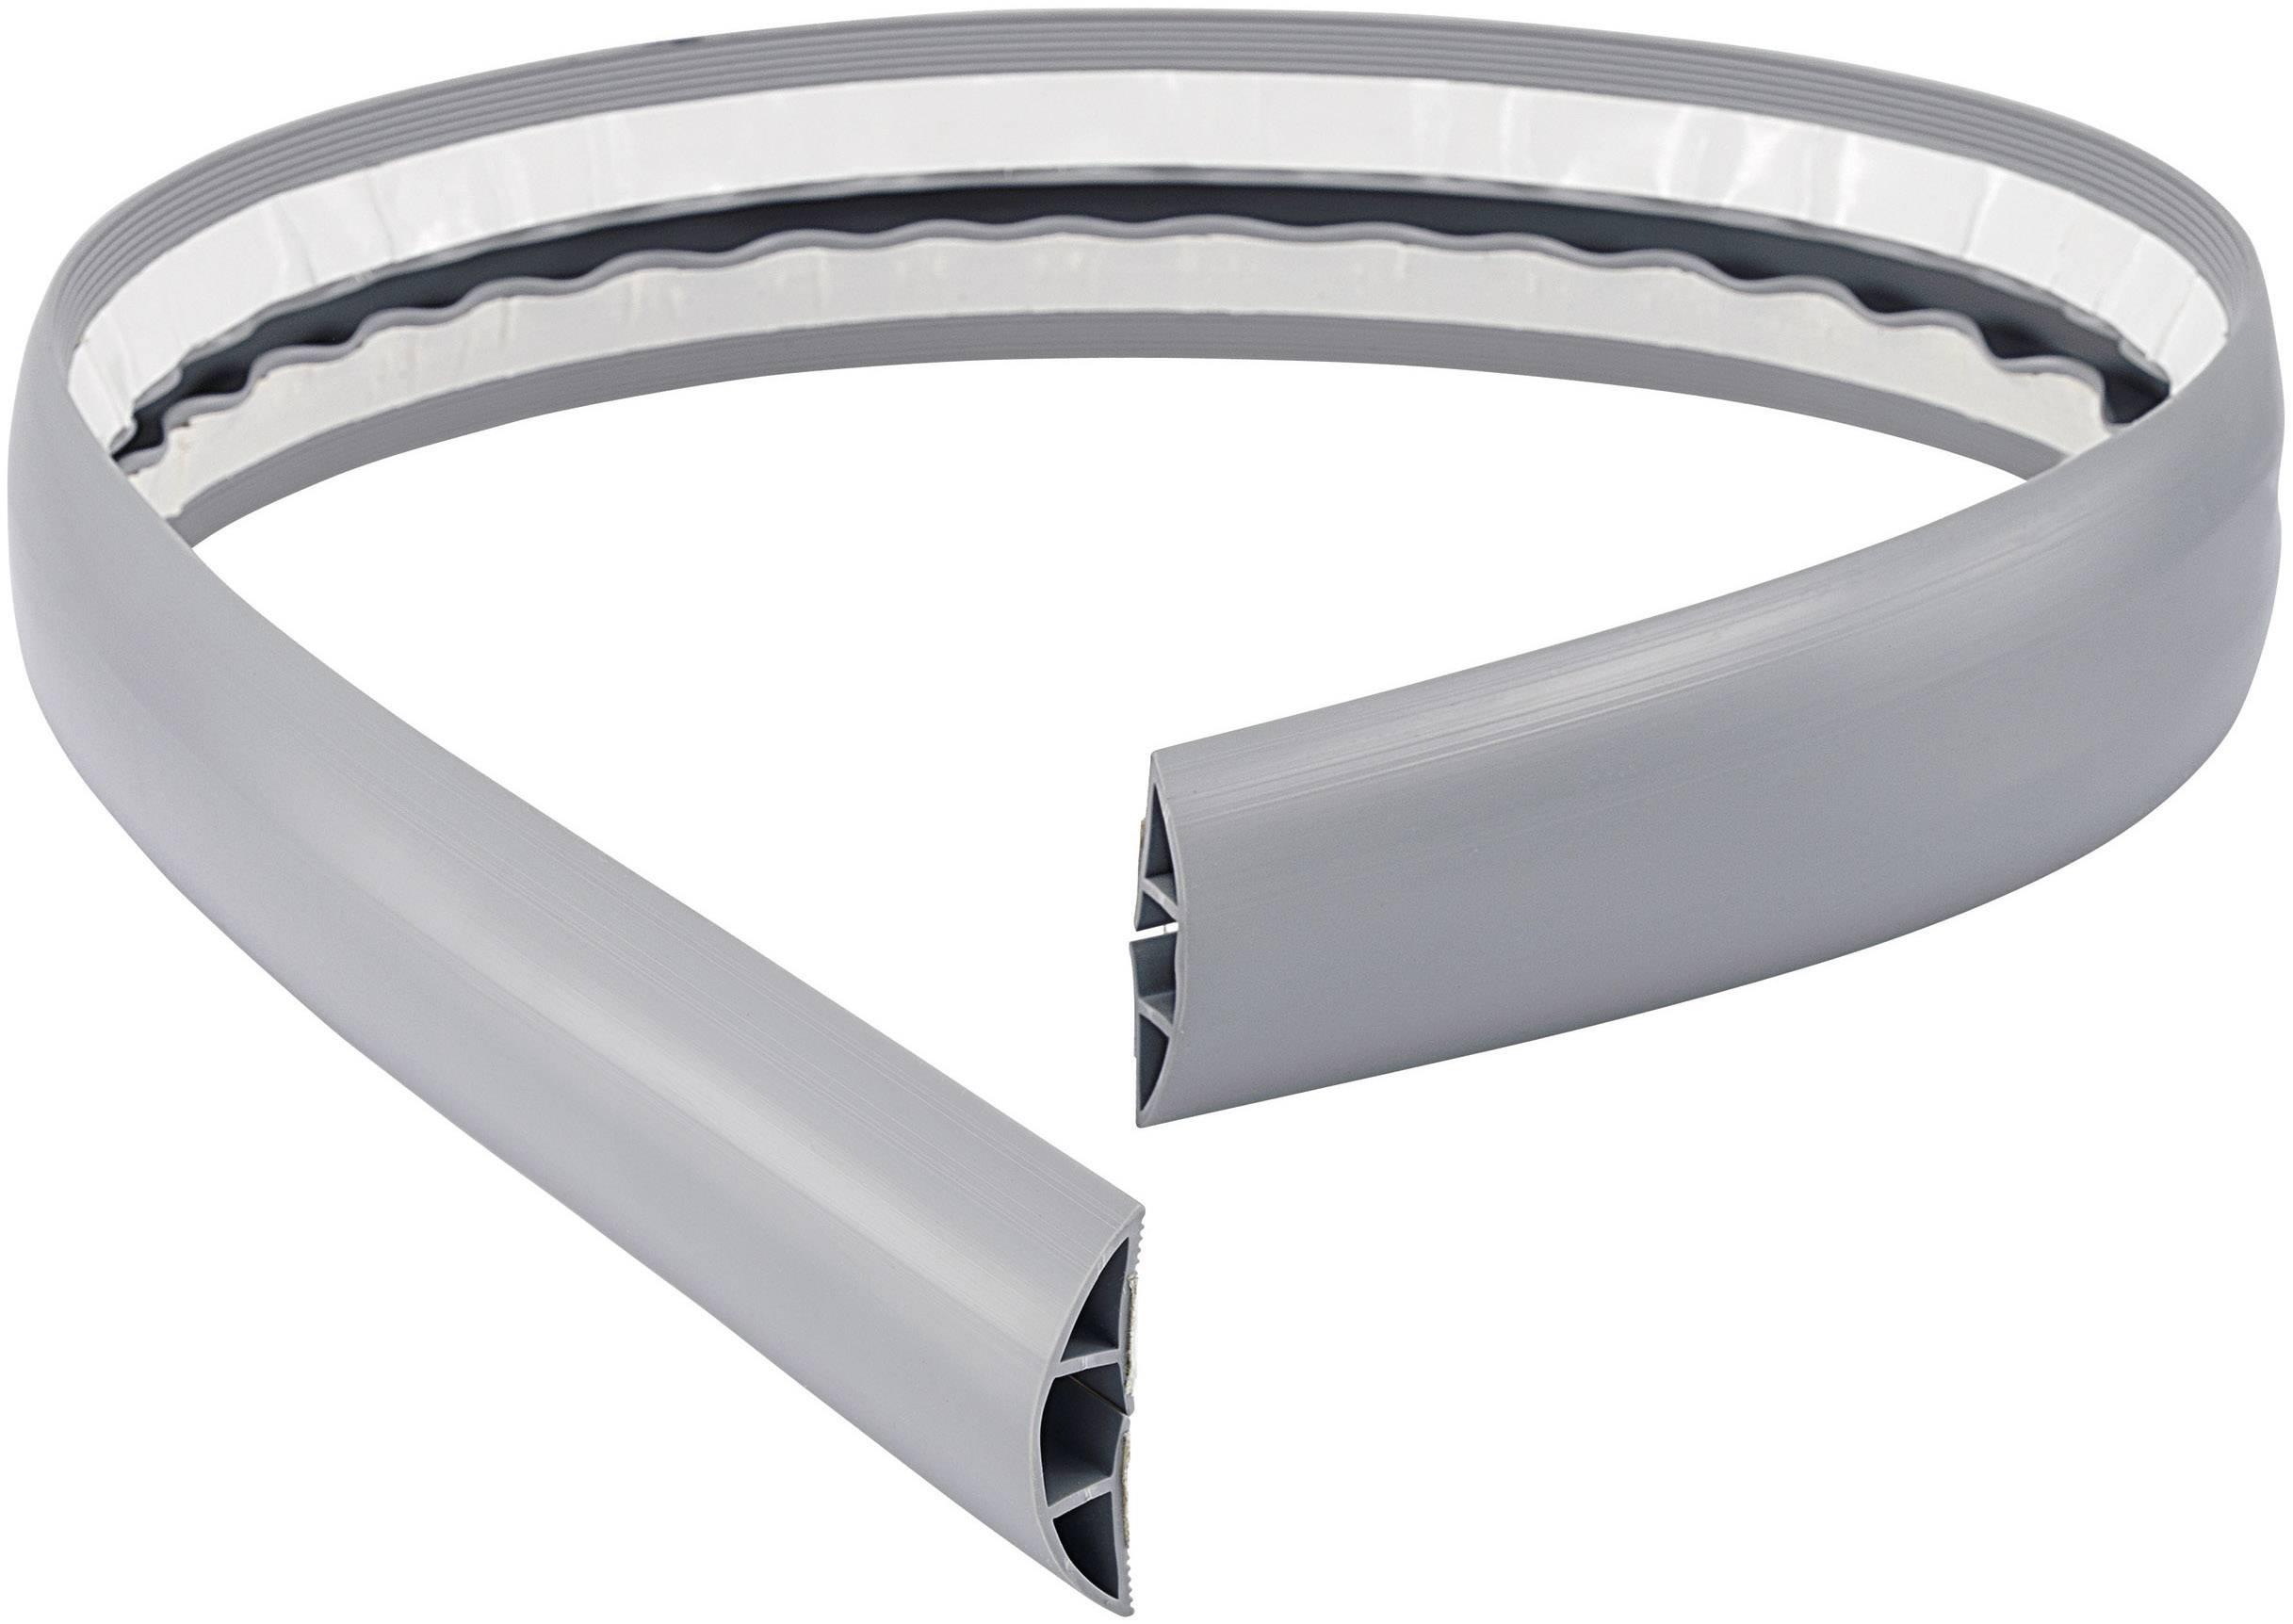 Kabelový můstek TRU COMPONENTS (d x š) 1800 mm x 50.8 mm, šedá, 1 ks